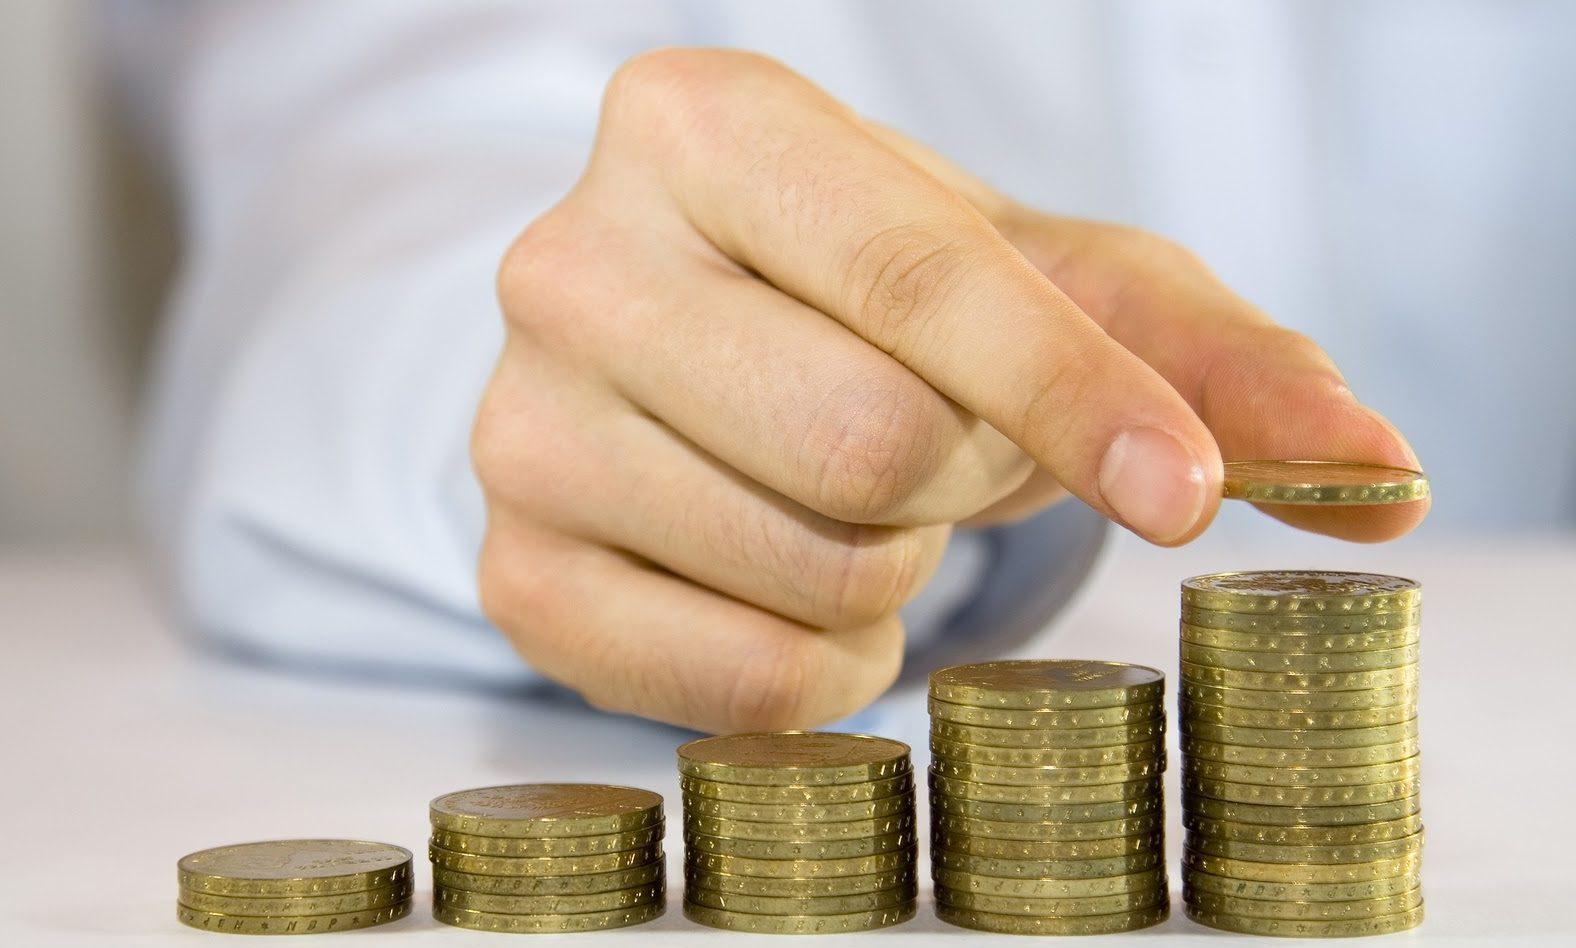 ötletek, amelyeken az emberek sok pénzt kerestek